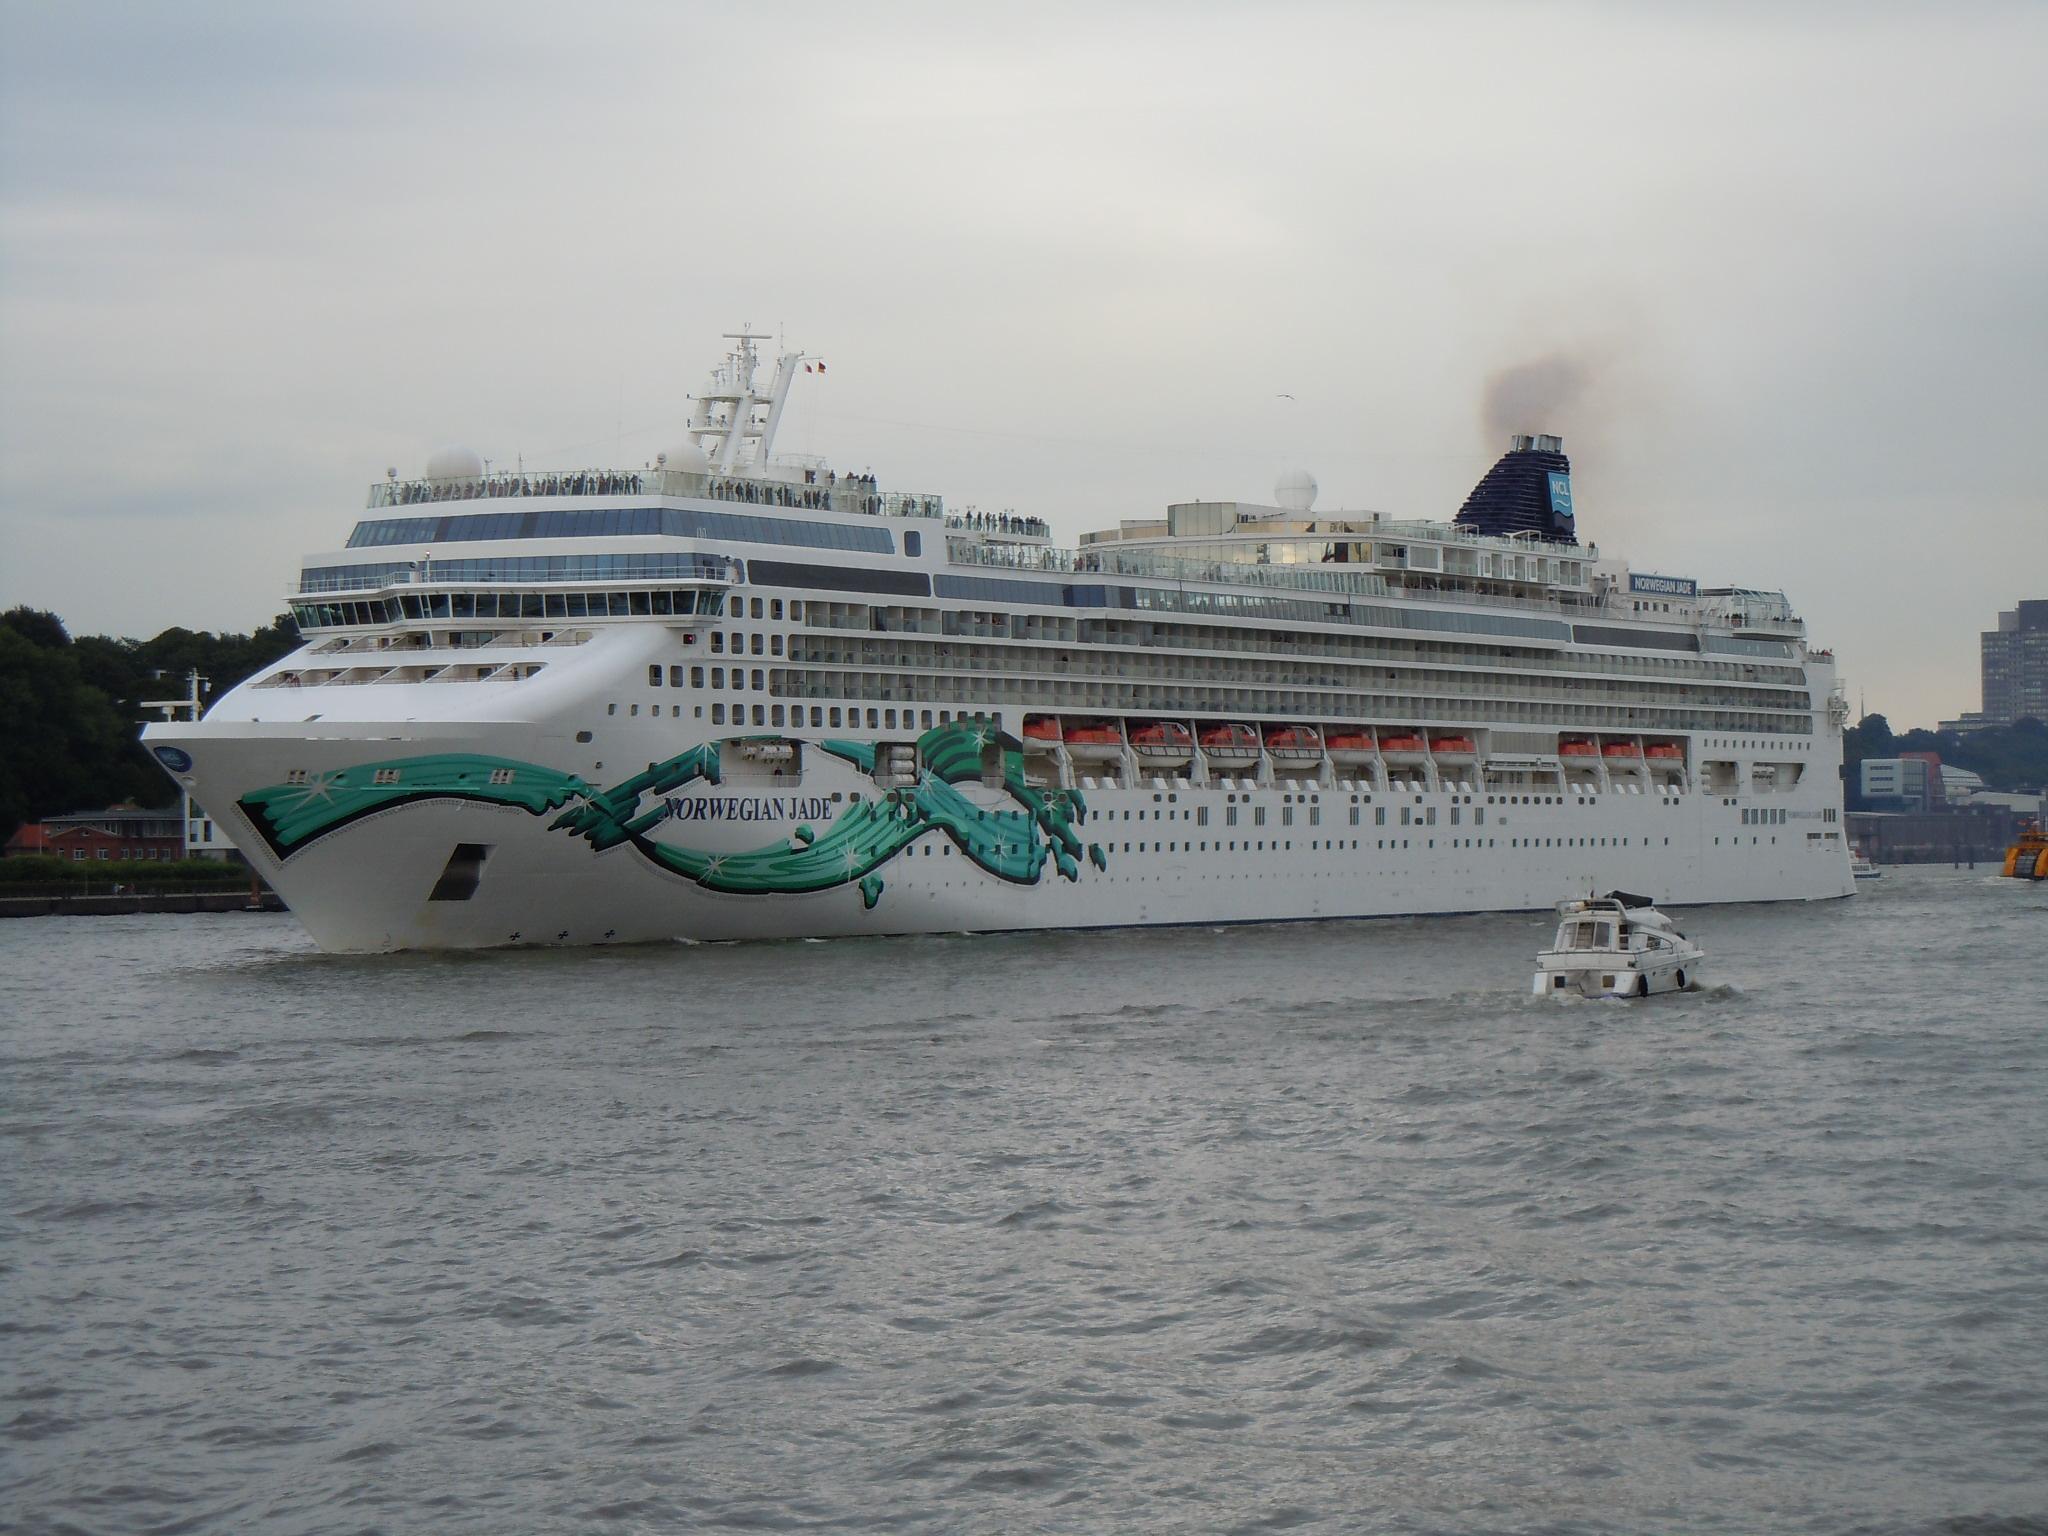 Norwegian Jade bei Abfahrt in Hamburg